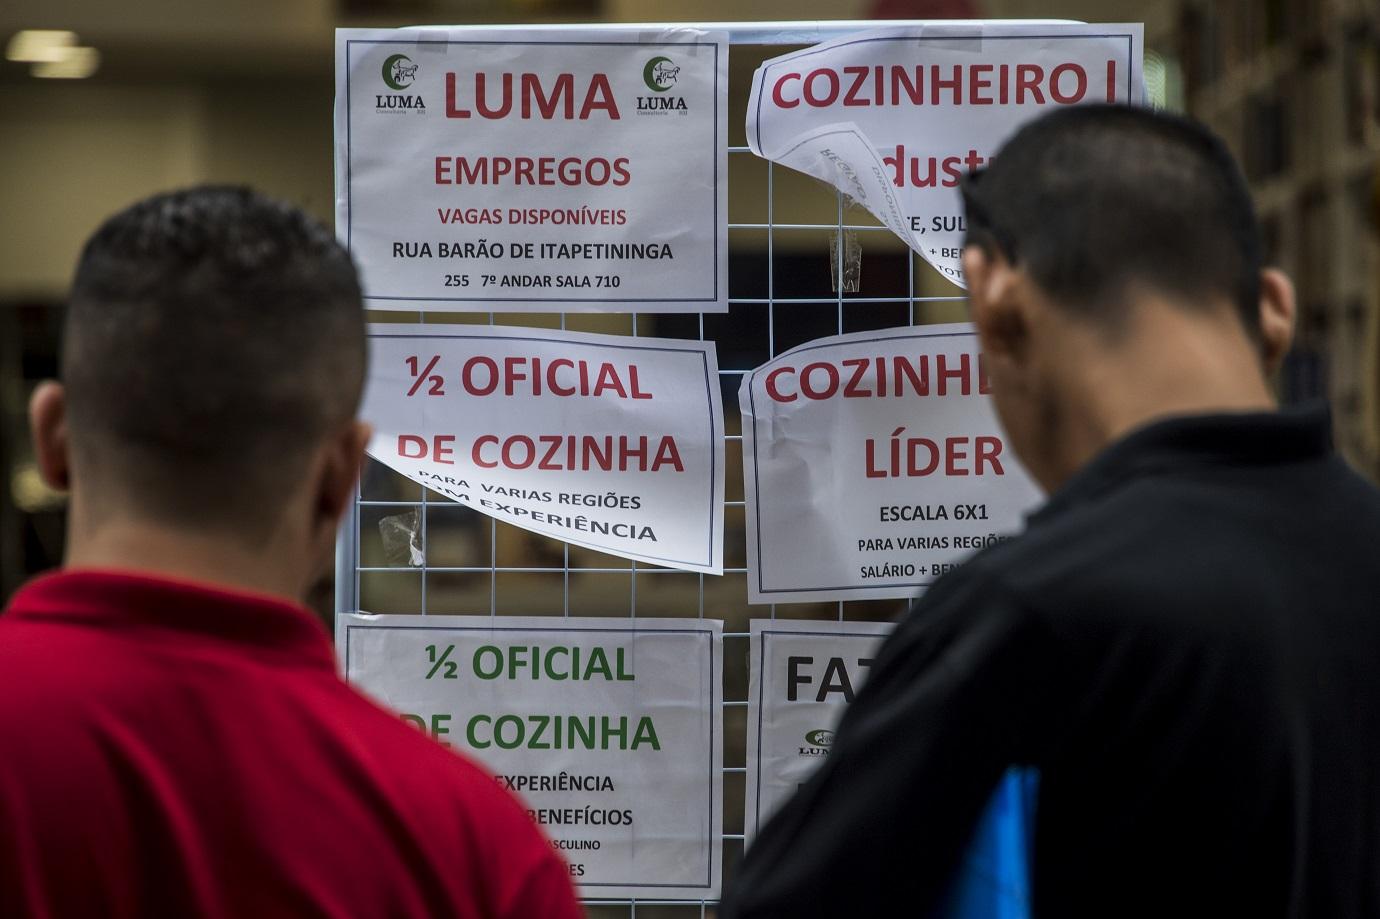 Desempregados avaliam ofertas de emprego no centro de São Paulo. Foto Nelson Almeida/AFP